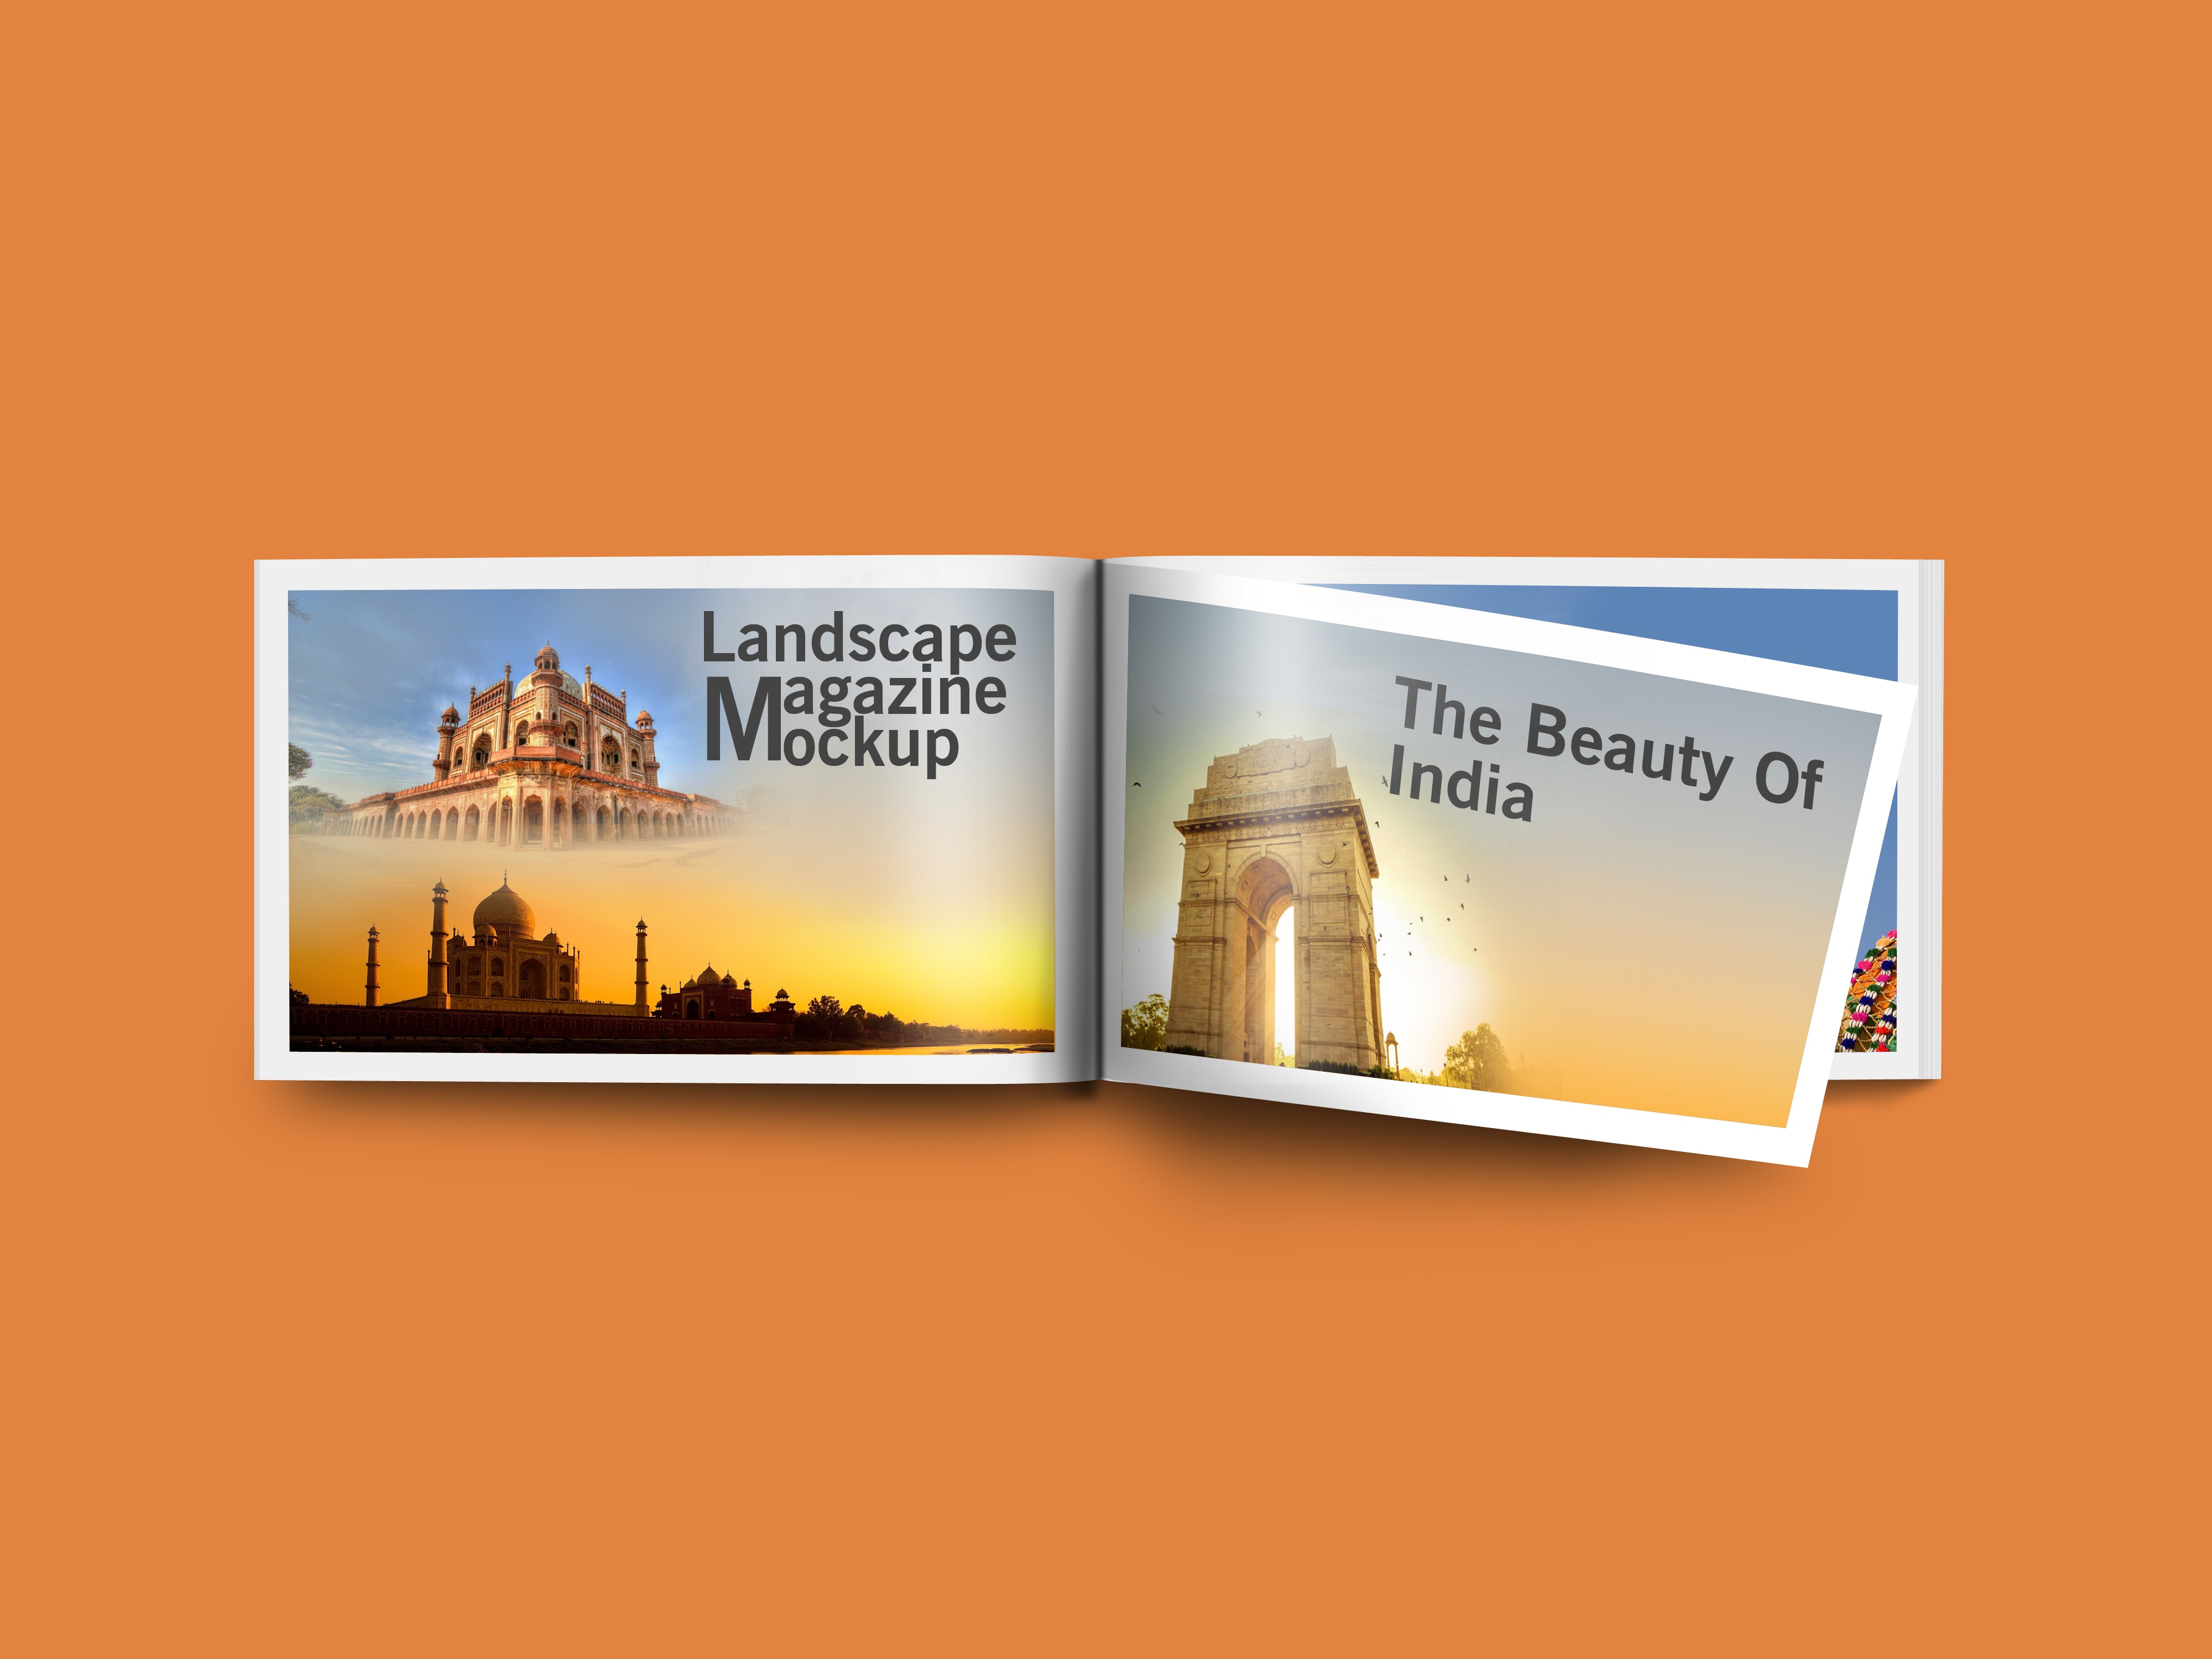 Free Landscape Magazine Mockup Psd Template By Mockup Den On Dribbble